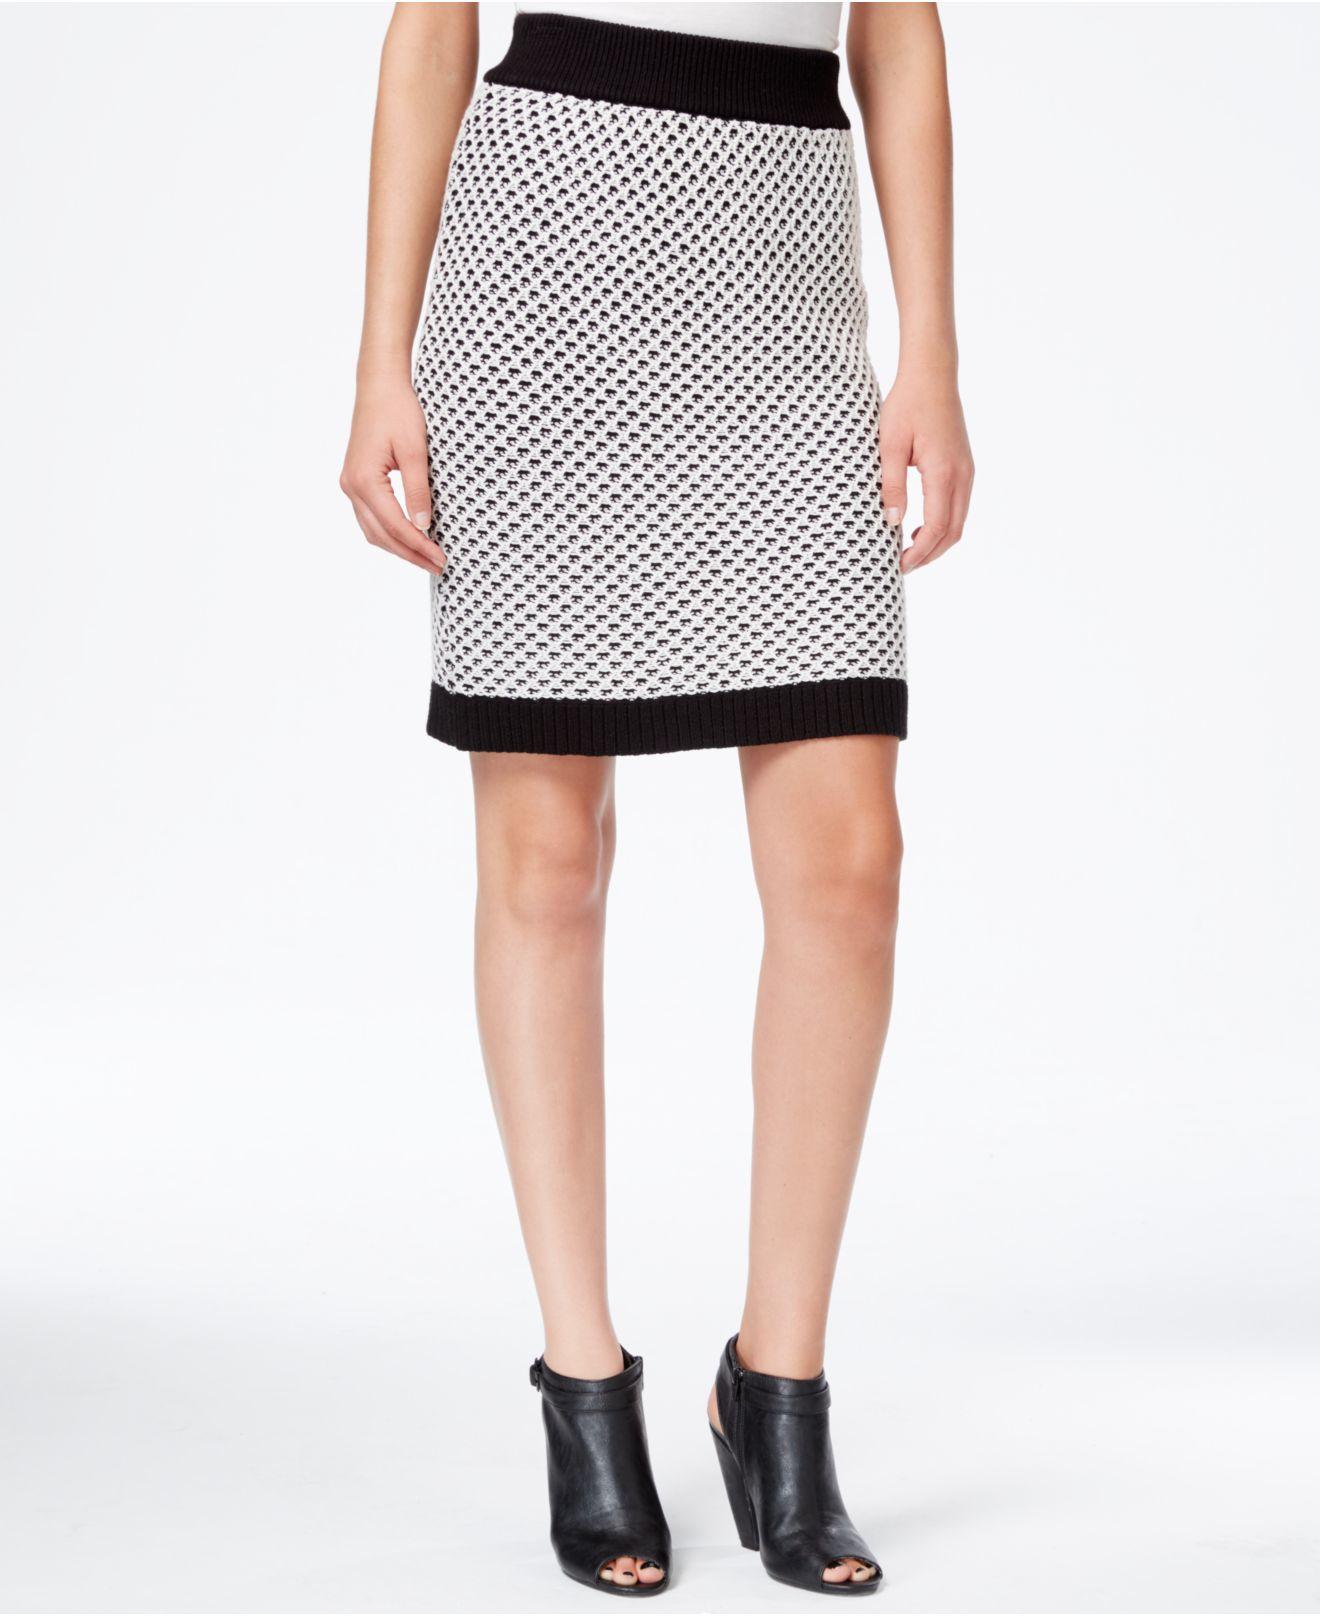 Kensie Honeycomb-knit Pencil Skirt in Black | Lyst